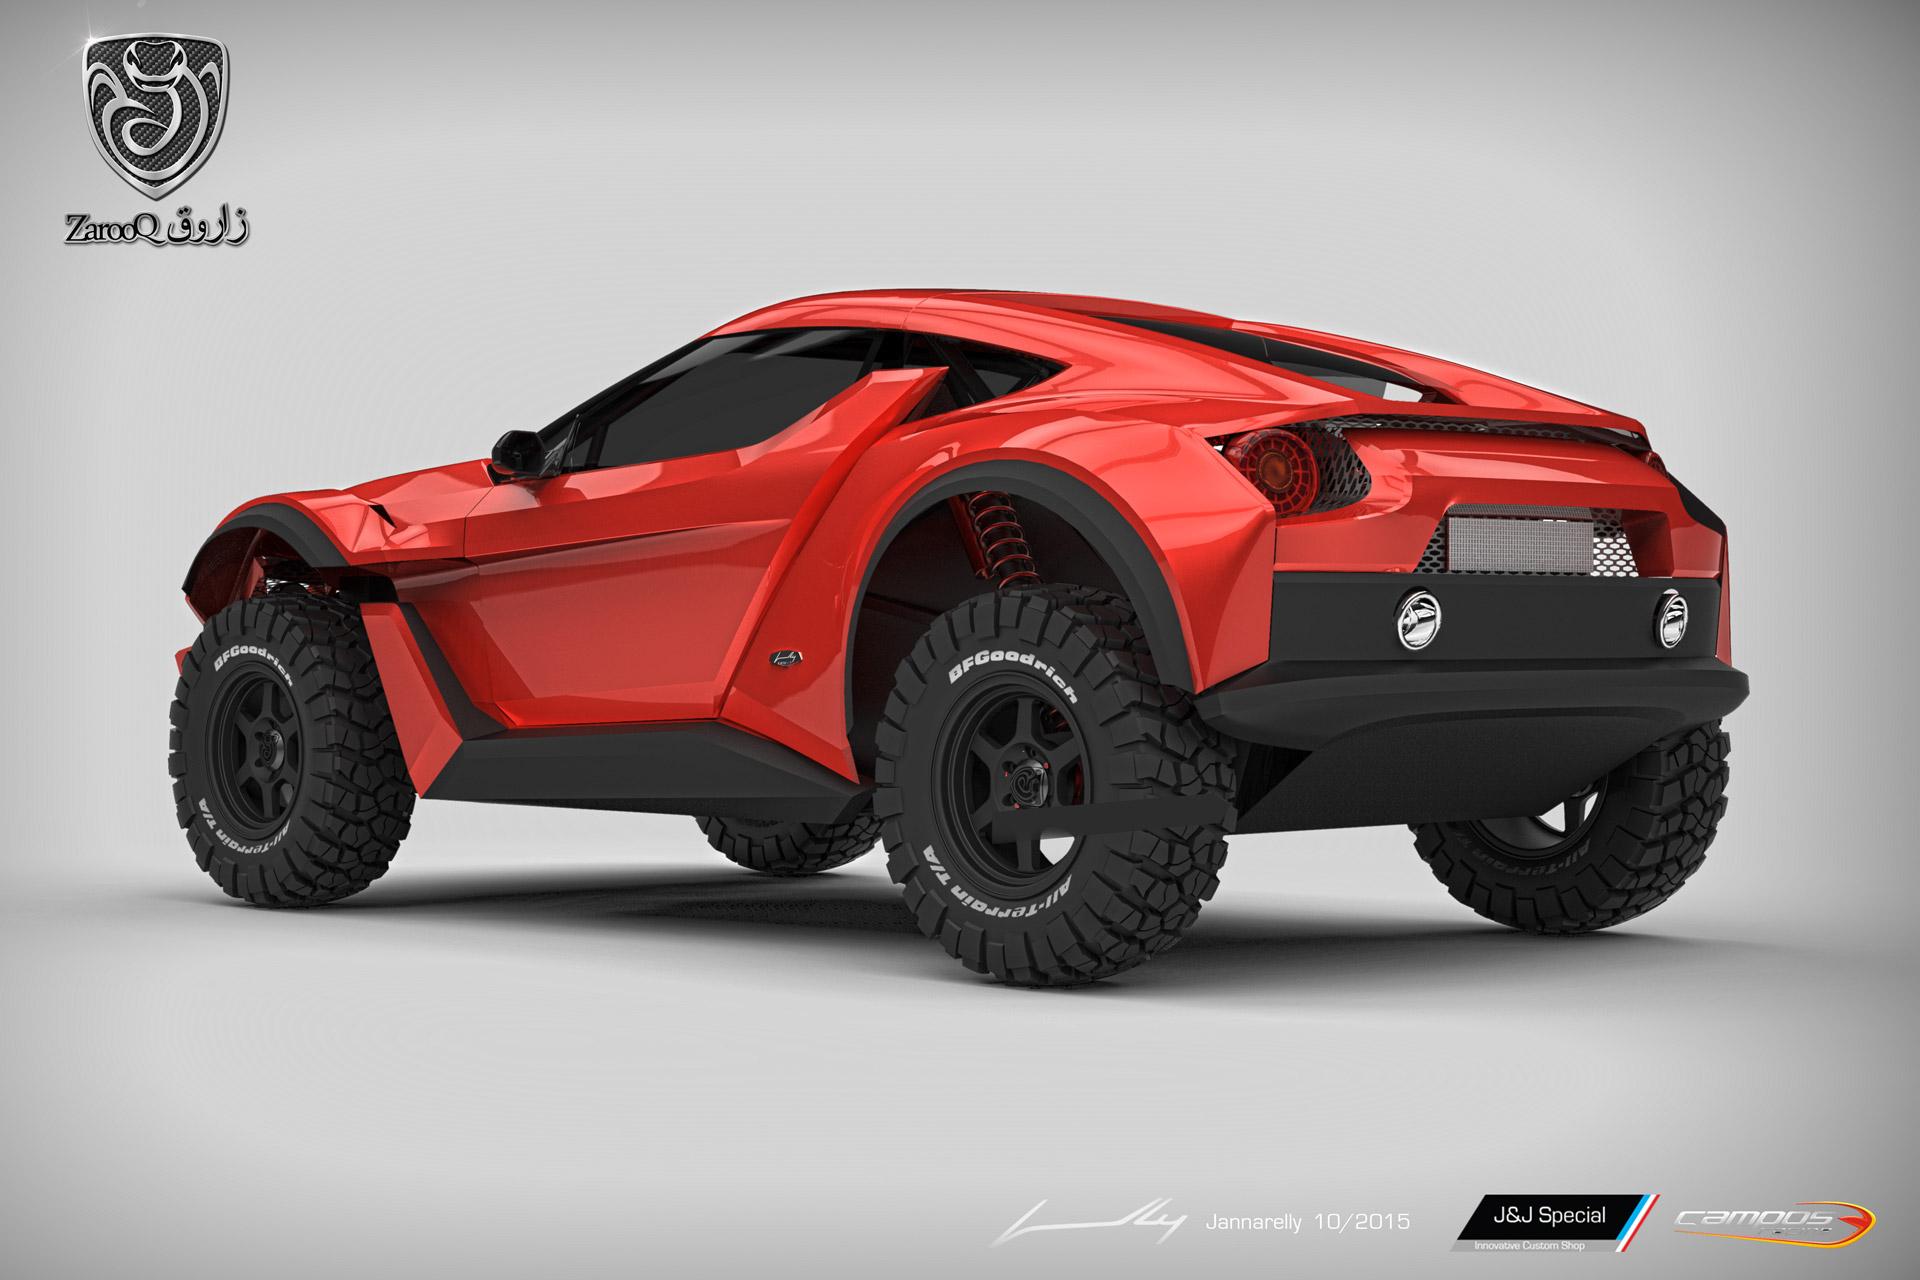 Zarooq Sand Racer: Correr por el desierto también puede ser interesante 1